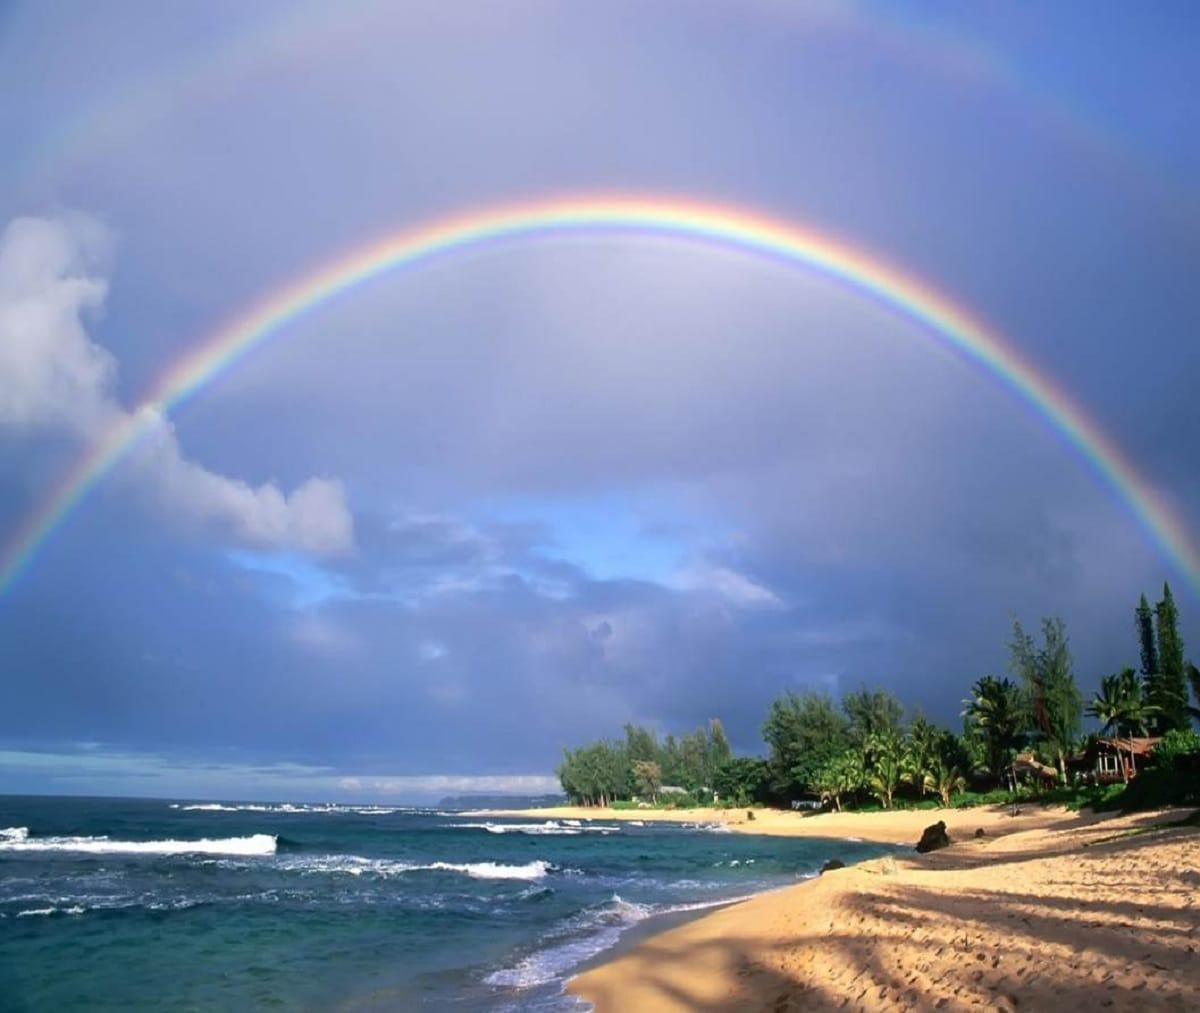 arcoiris despues de la lluvia